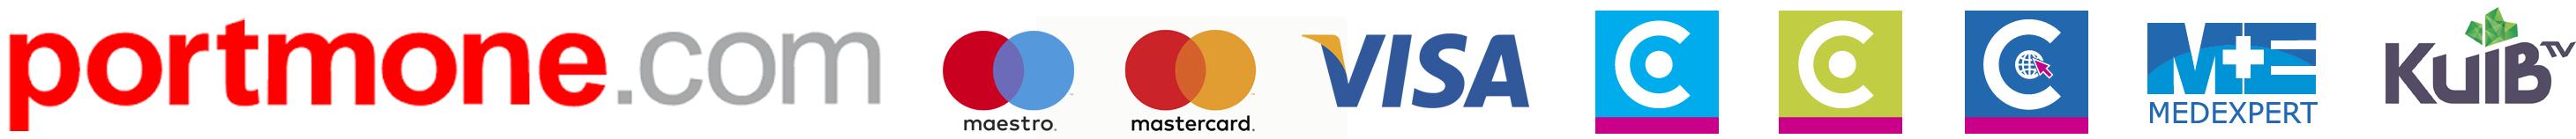 Лого наших спонсоров